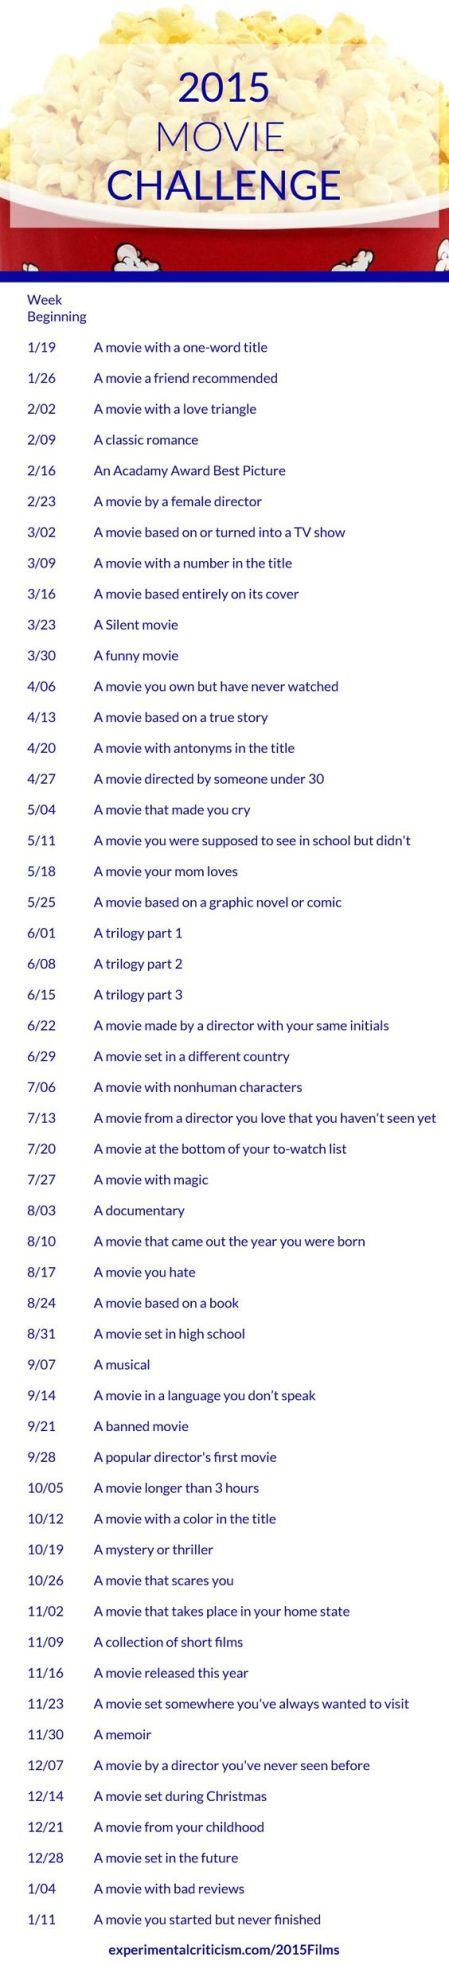 movie-challenge